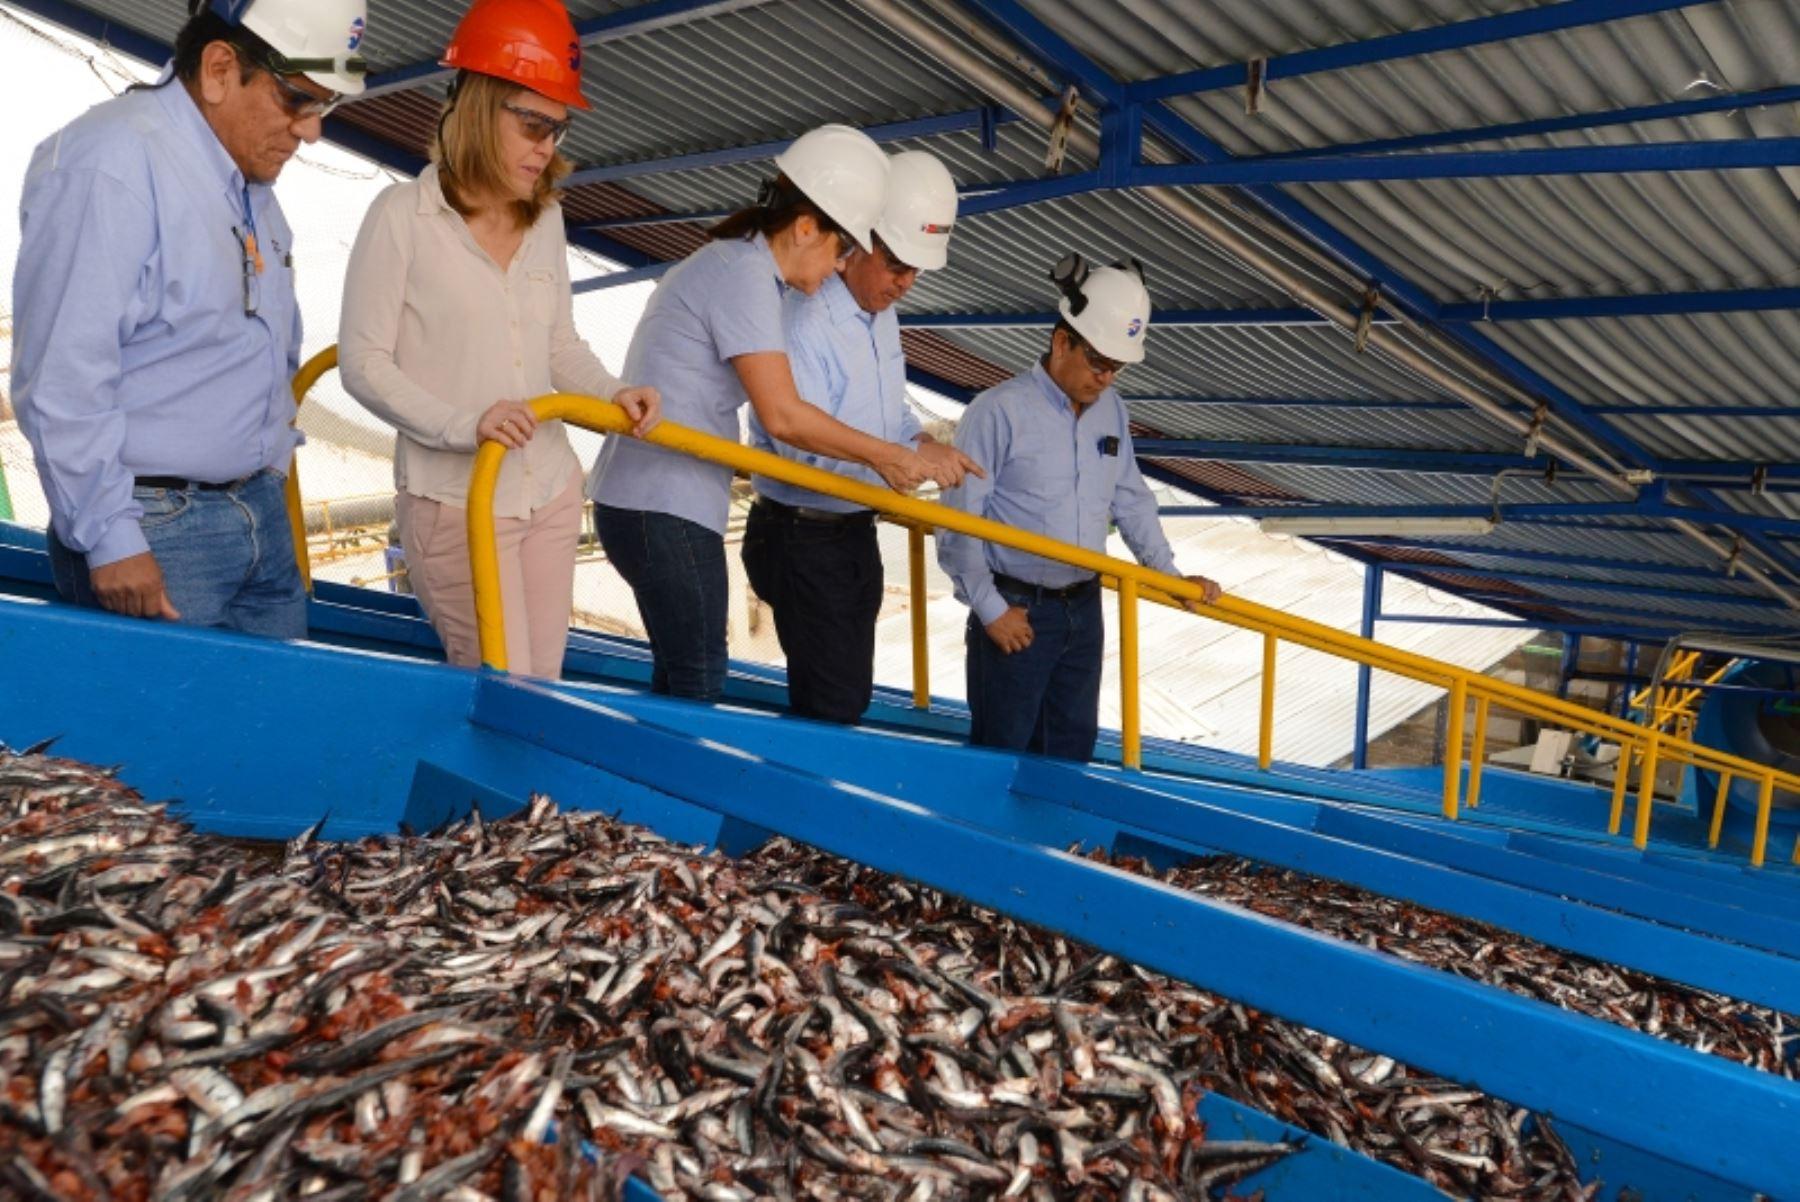 Ministro de la Producción Manuel Pérez-Reyes y la titular de la SNP, Elena Conterno visitan planta pesquera en Pisco. Foto: Cortesía.